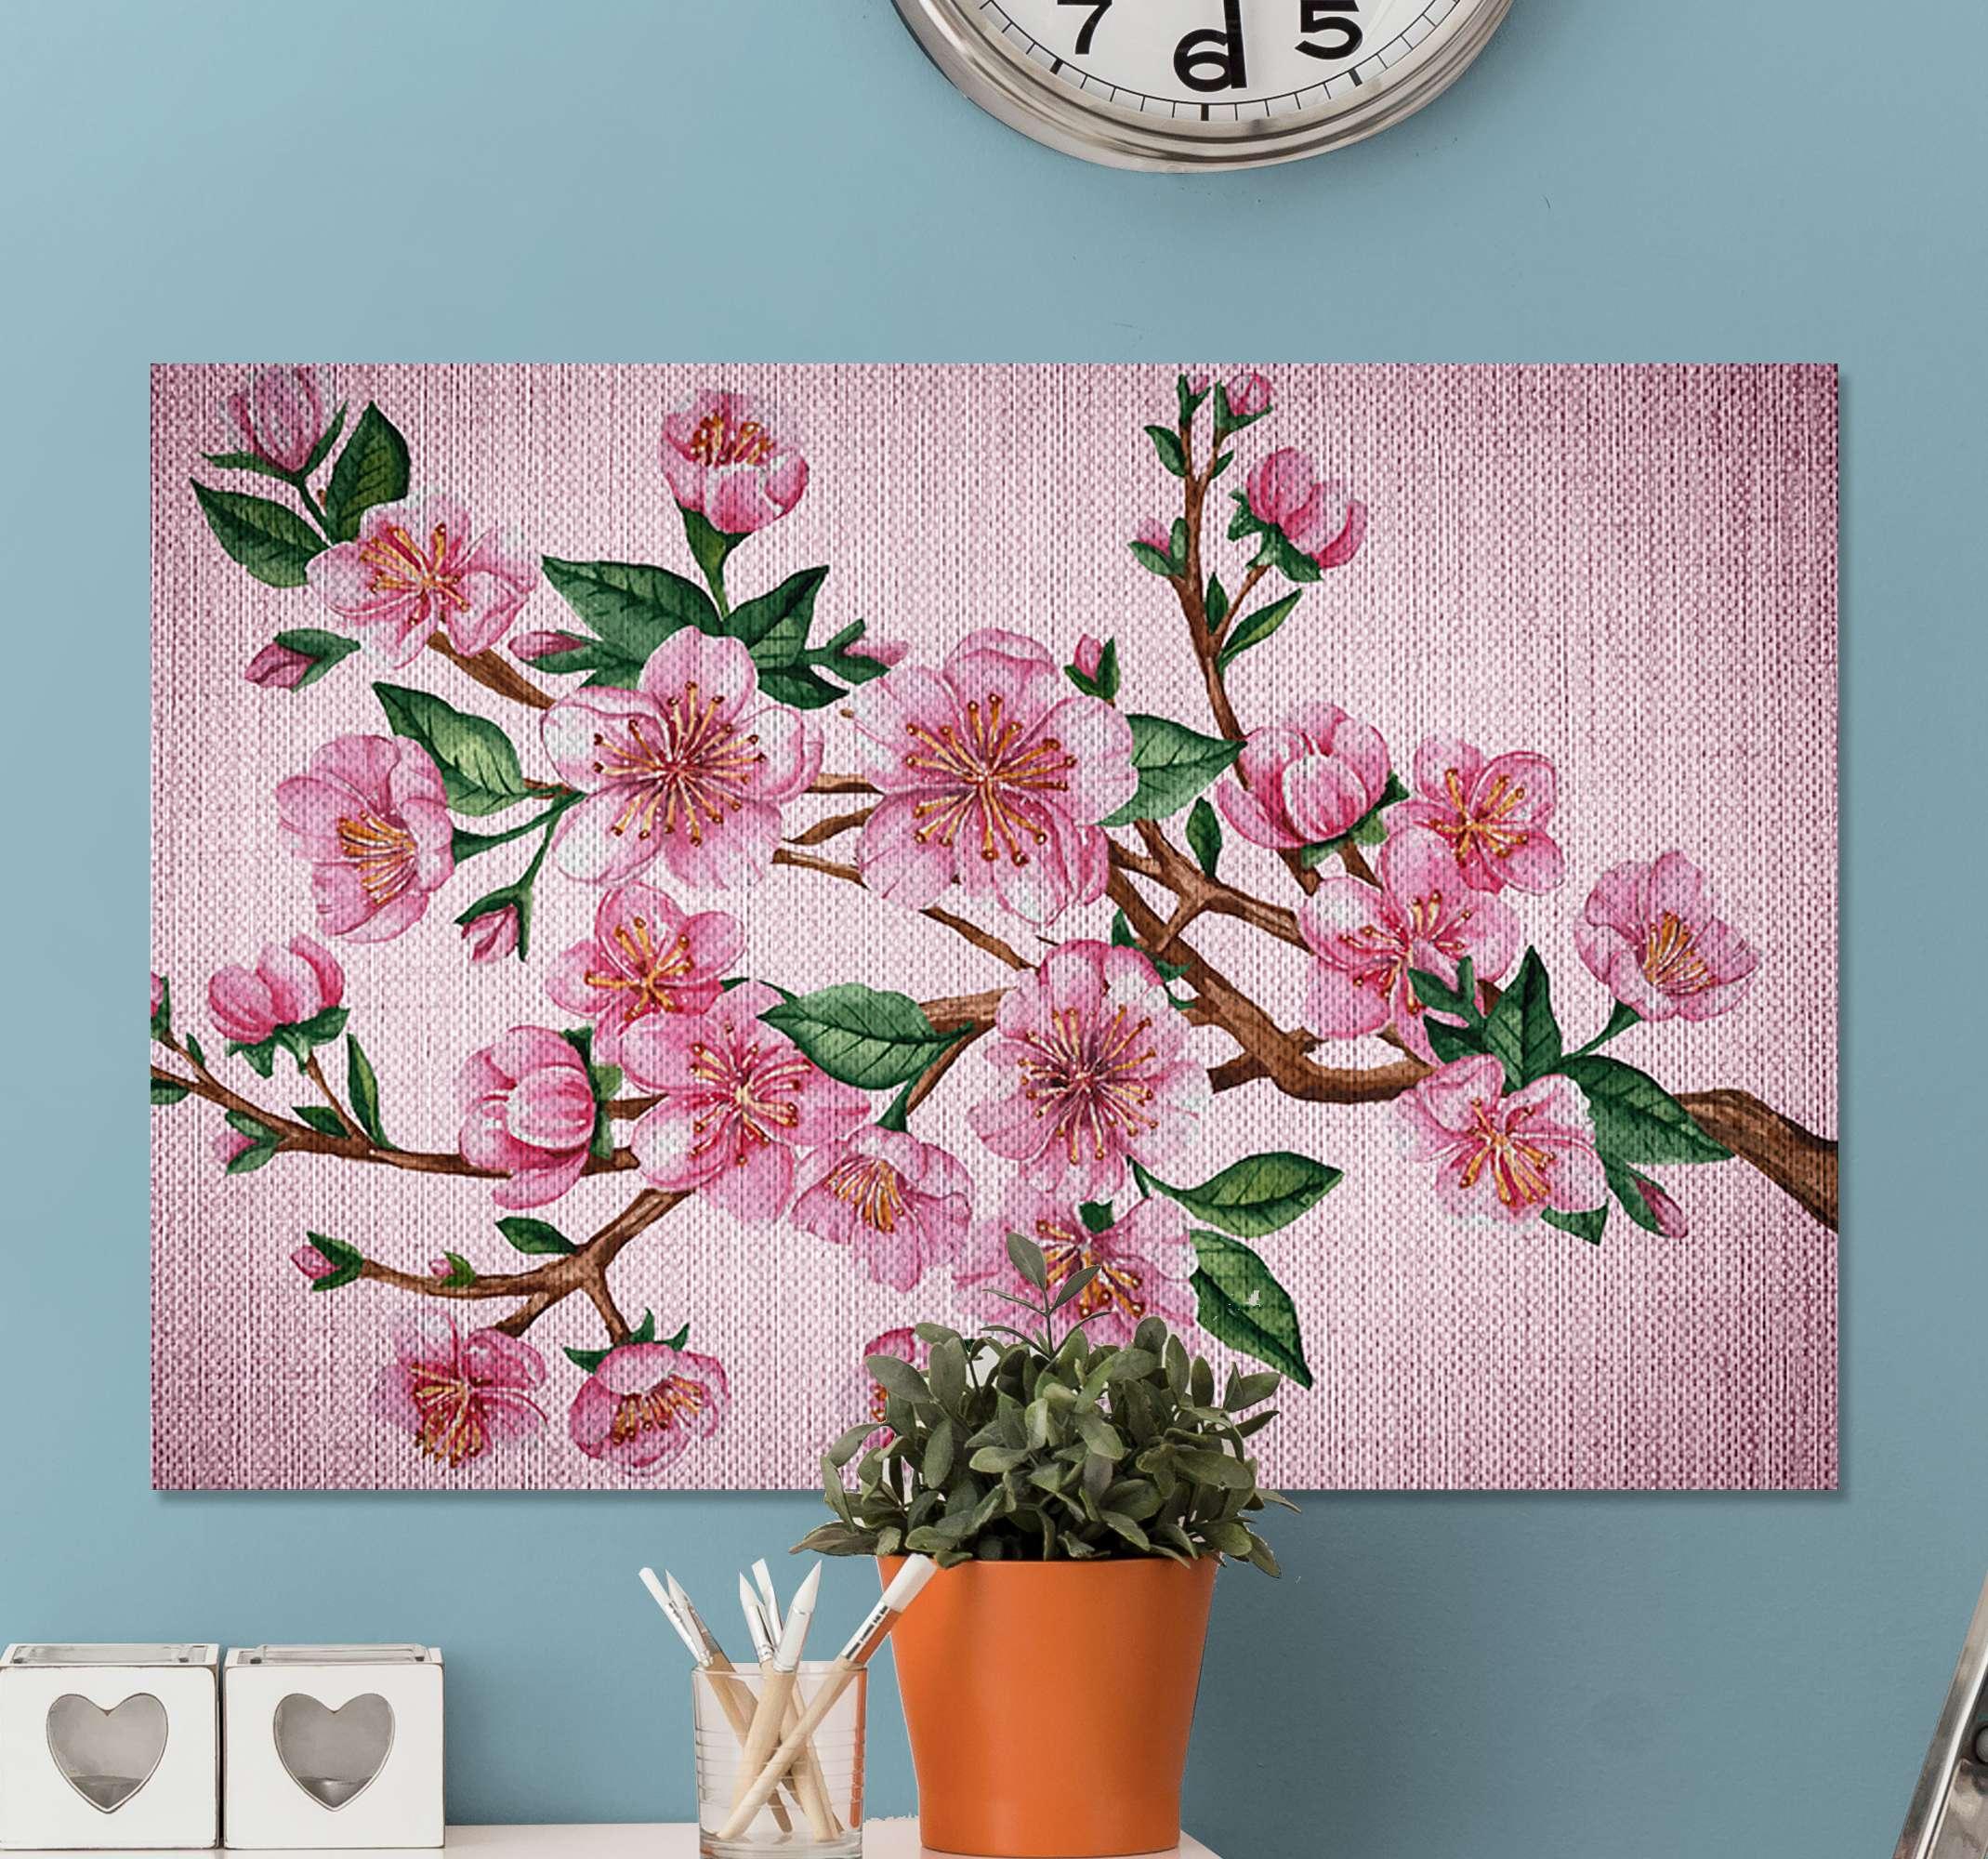 TenStickers. Tableau arbre Branche couverte de fleurs roses. Impression sur toile de fleur rose qui présente une belle image d'une branche d'arbre recouverte de superbes fleurs et feuilles roses.